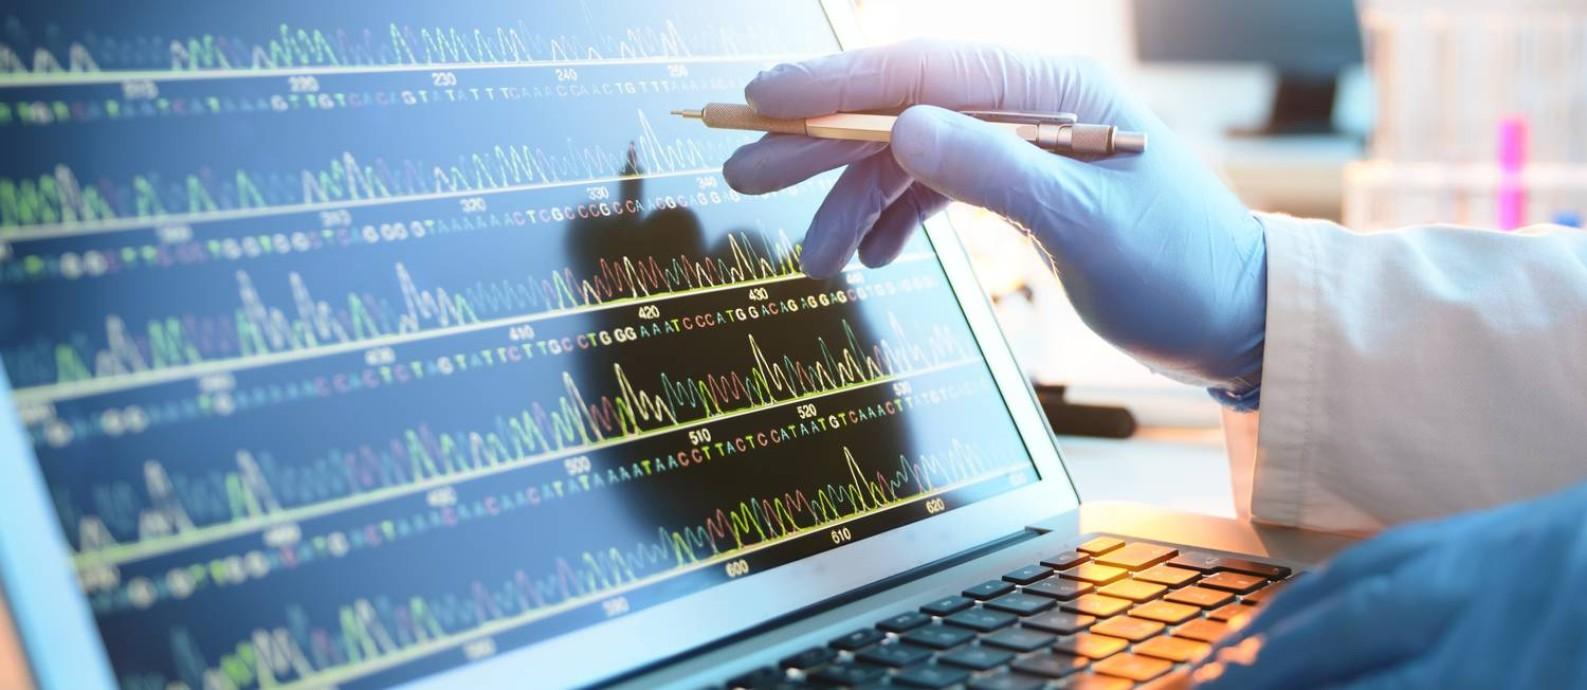 O código binário foi traduzido para bases do DNA: A, C, G e T Foto: Divulgação/Twist Bioscience